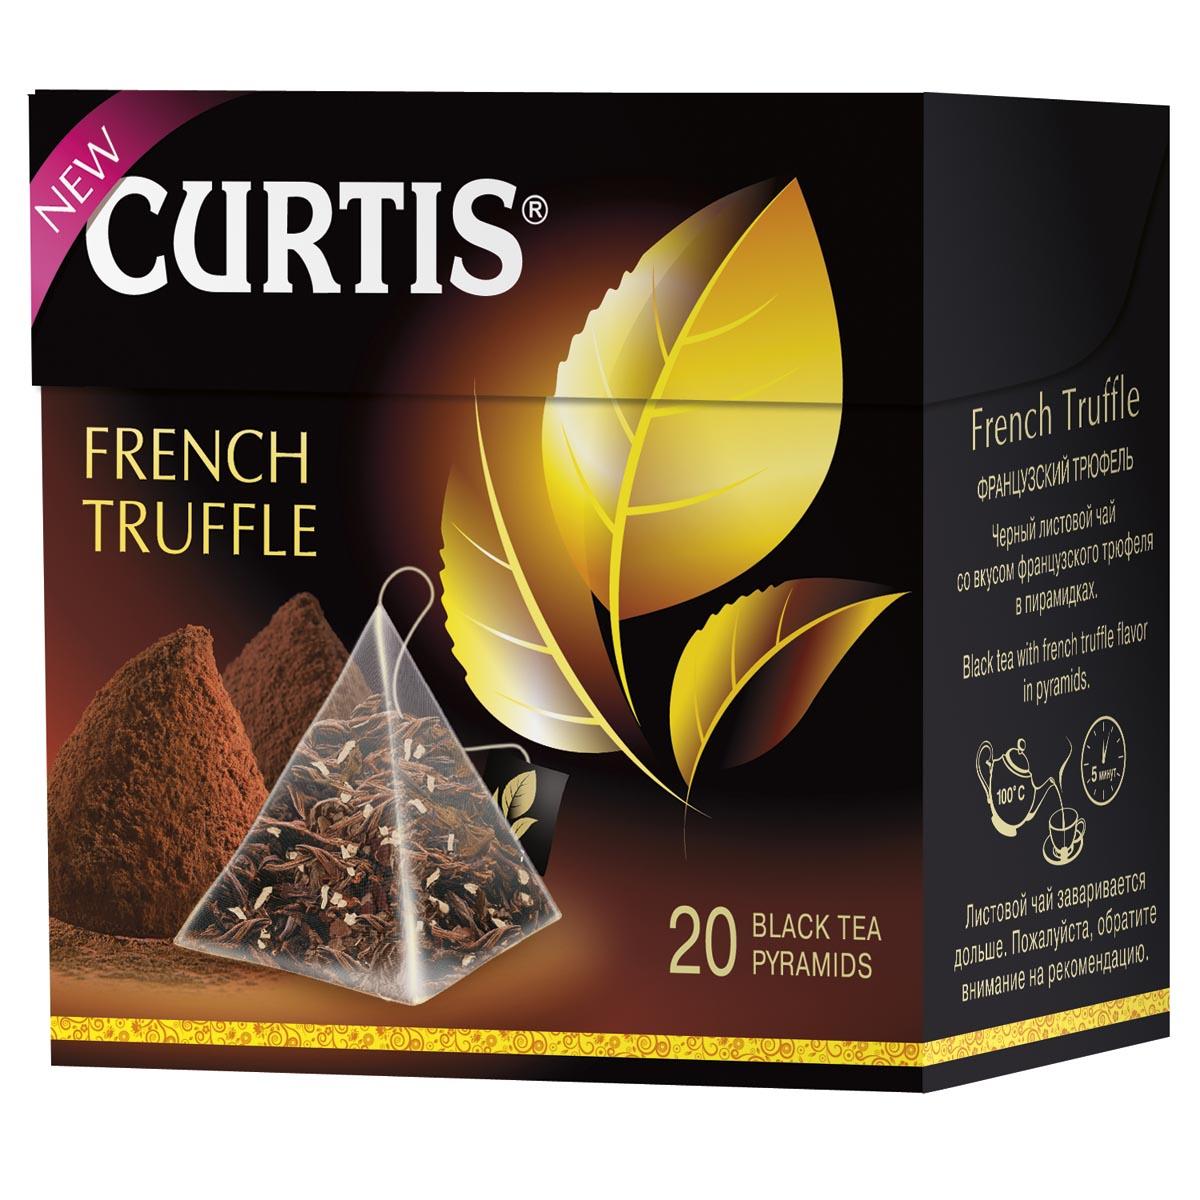 Curtis French Truffle черный чай в пирамидках, 20 шт4620015851068Соблазнительный черный чай со вкусом нежного шоколадного трюфеля и сливочной нотой - необычайно, словно вечер на Лазурном берегу. Насладитесь обновленным купажом черного листового чая.